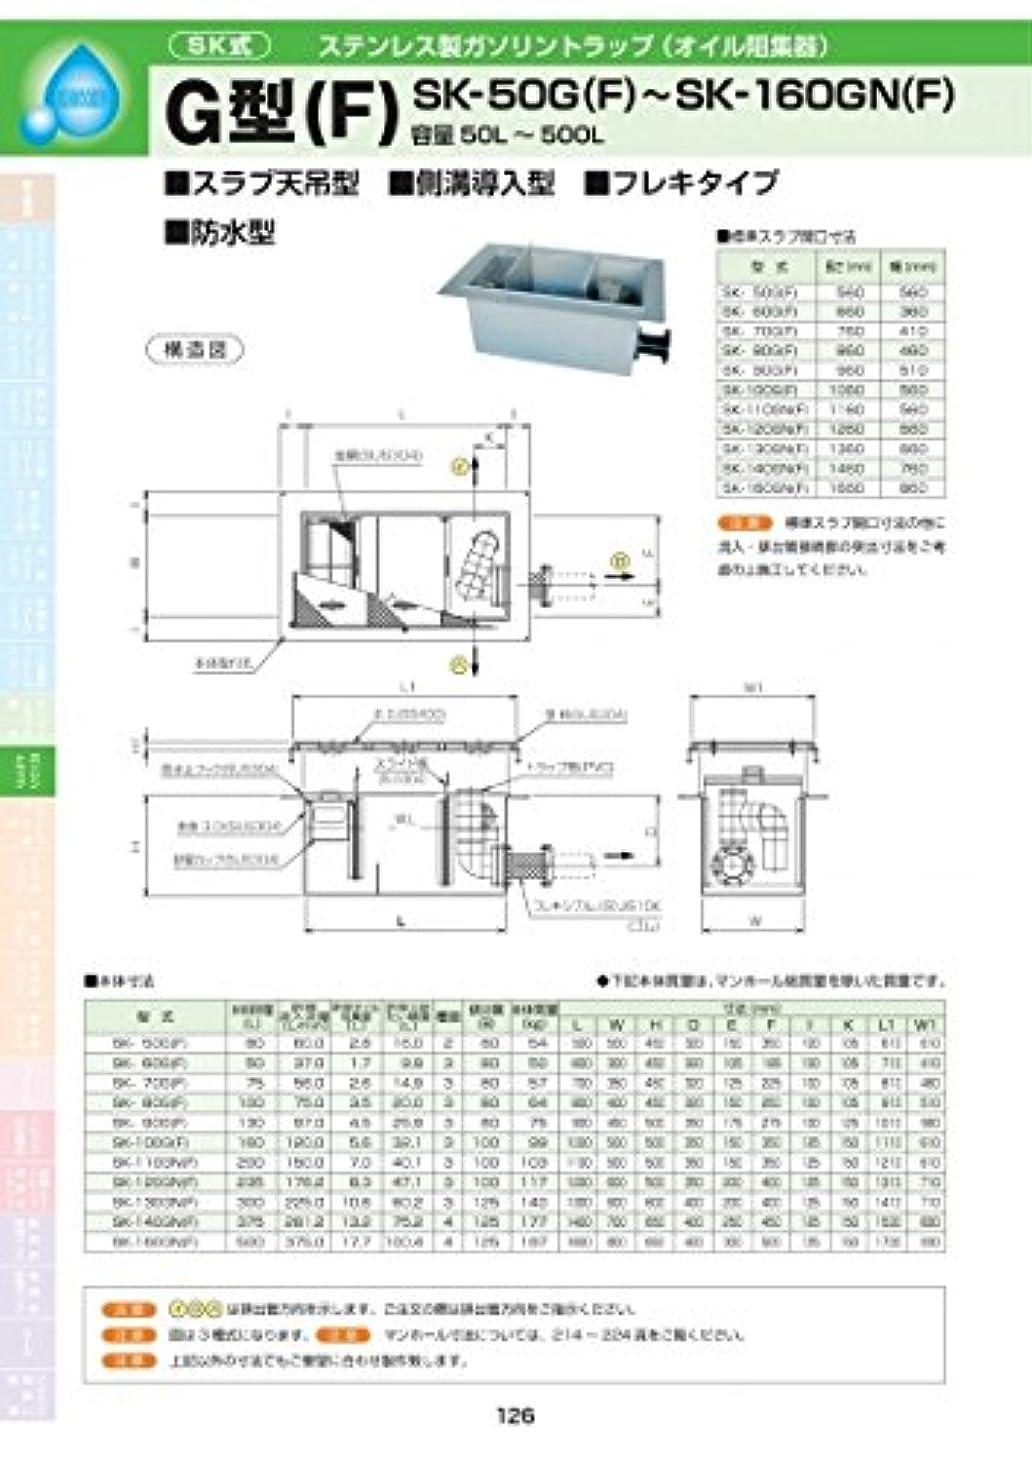 羊の誤解させる抱擁G型(F) SK-100G(F) 耐荷重蓋仕様セット(マンホール枠:ステンレス / 蓋:SS400) T-6